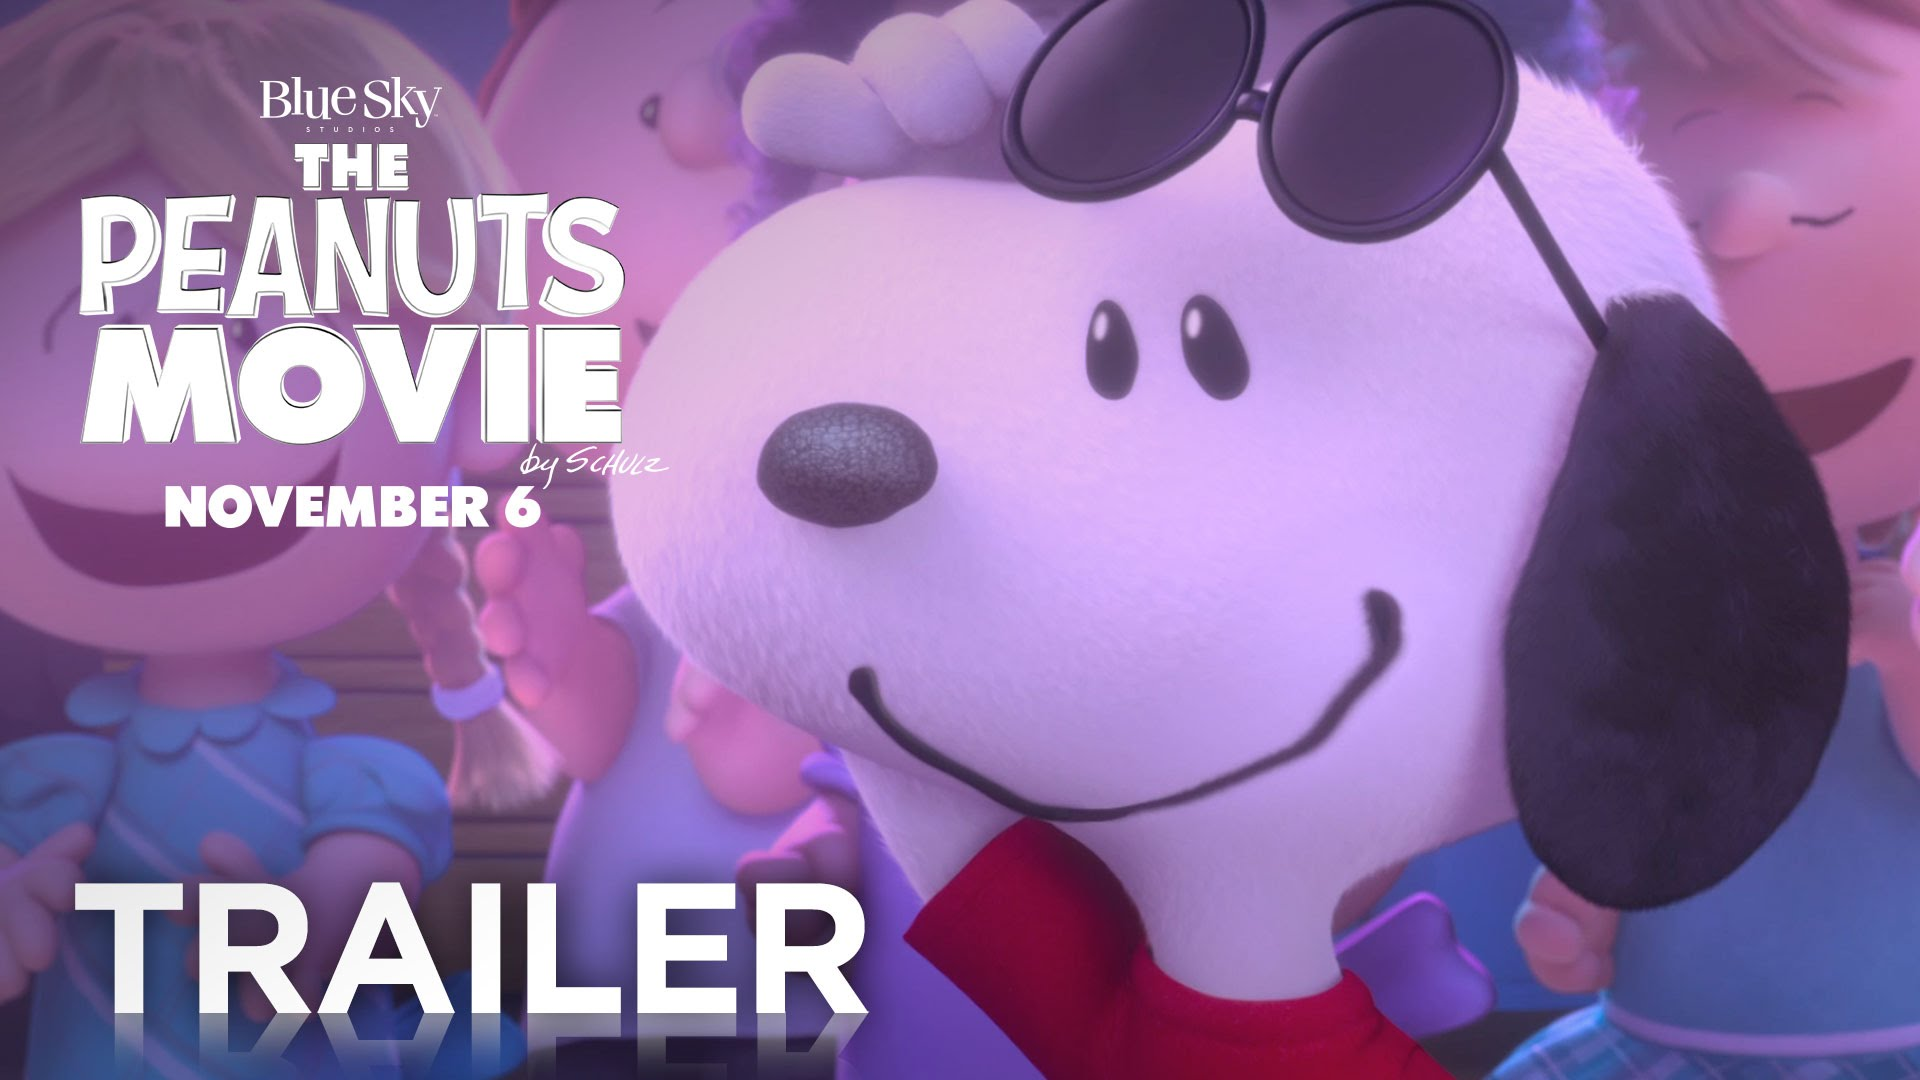 Die-Peanuts-Der-Film-3D-snoopy-trailer-2